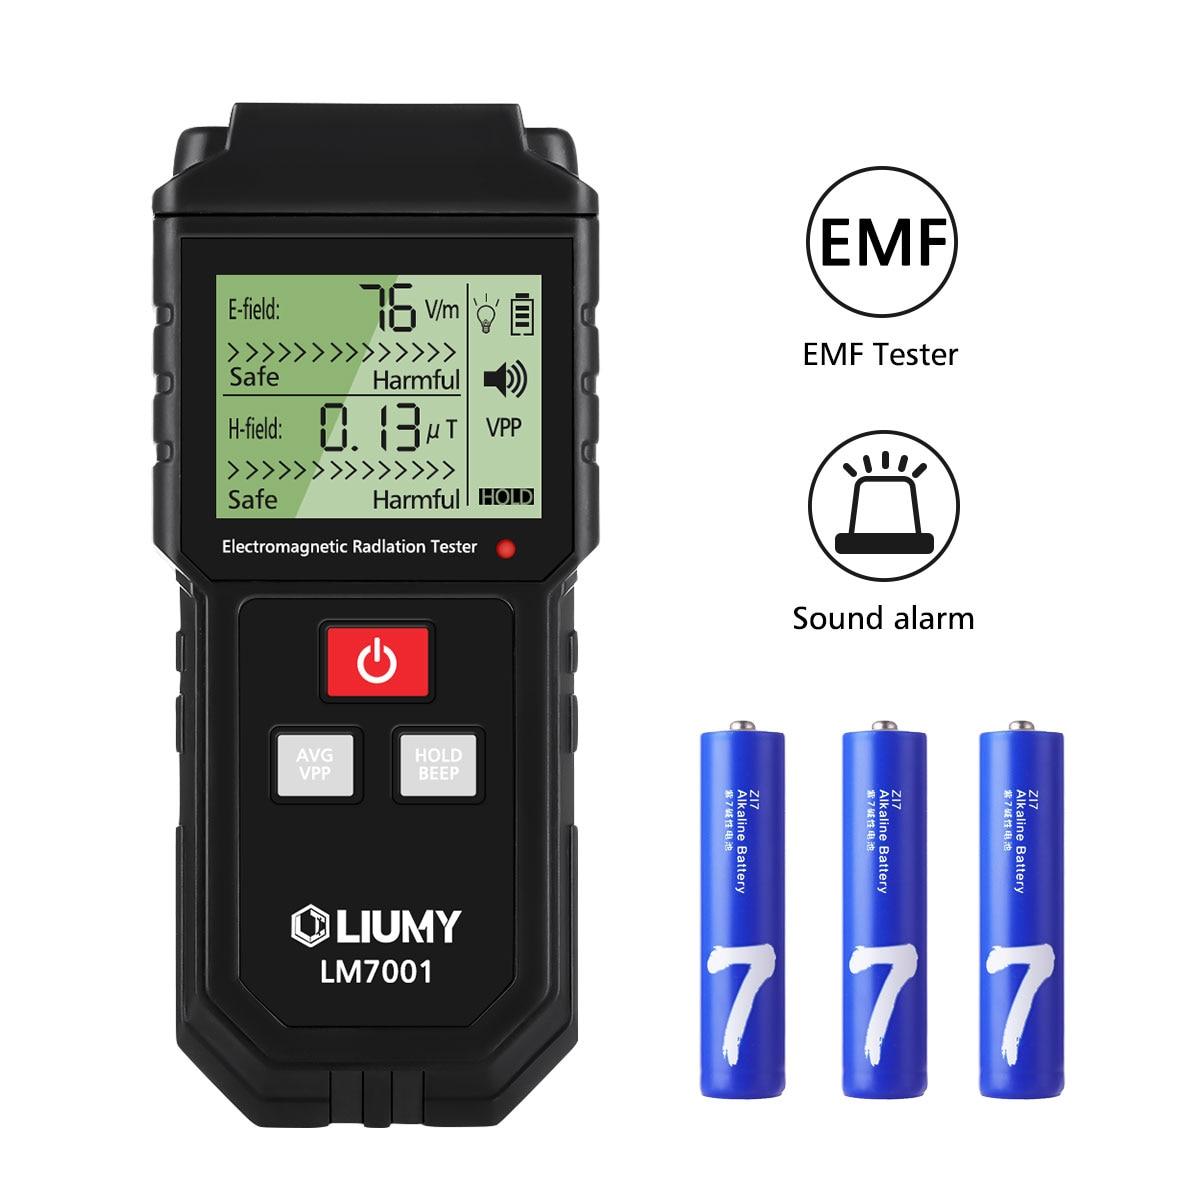 Medidor EMF LCD Digital de mano LIUMY medidor de radiación electromagnética campo eléctrico detector de dosímetros y batería